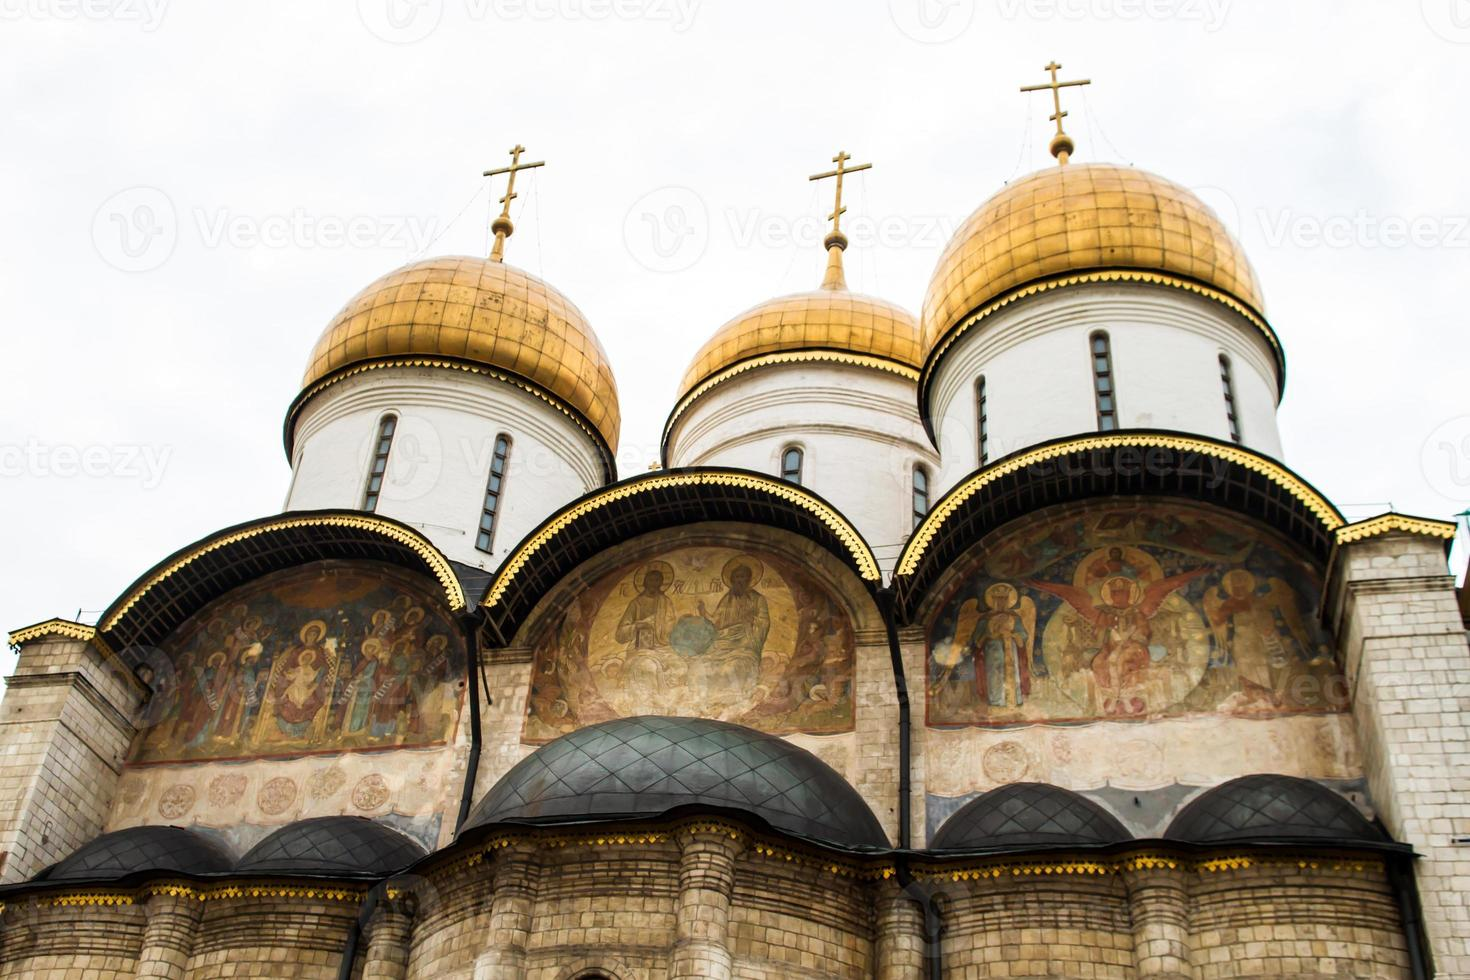 la cattedrale dell'assunzione foto